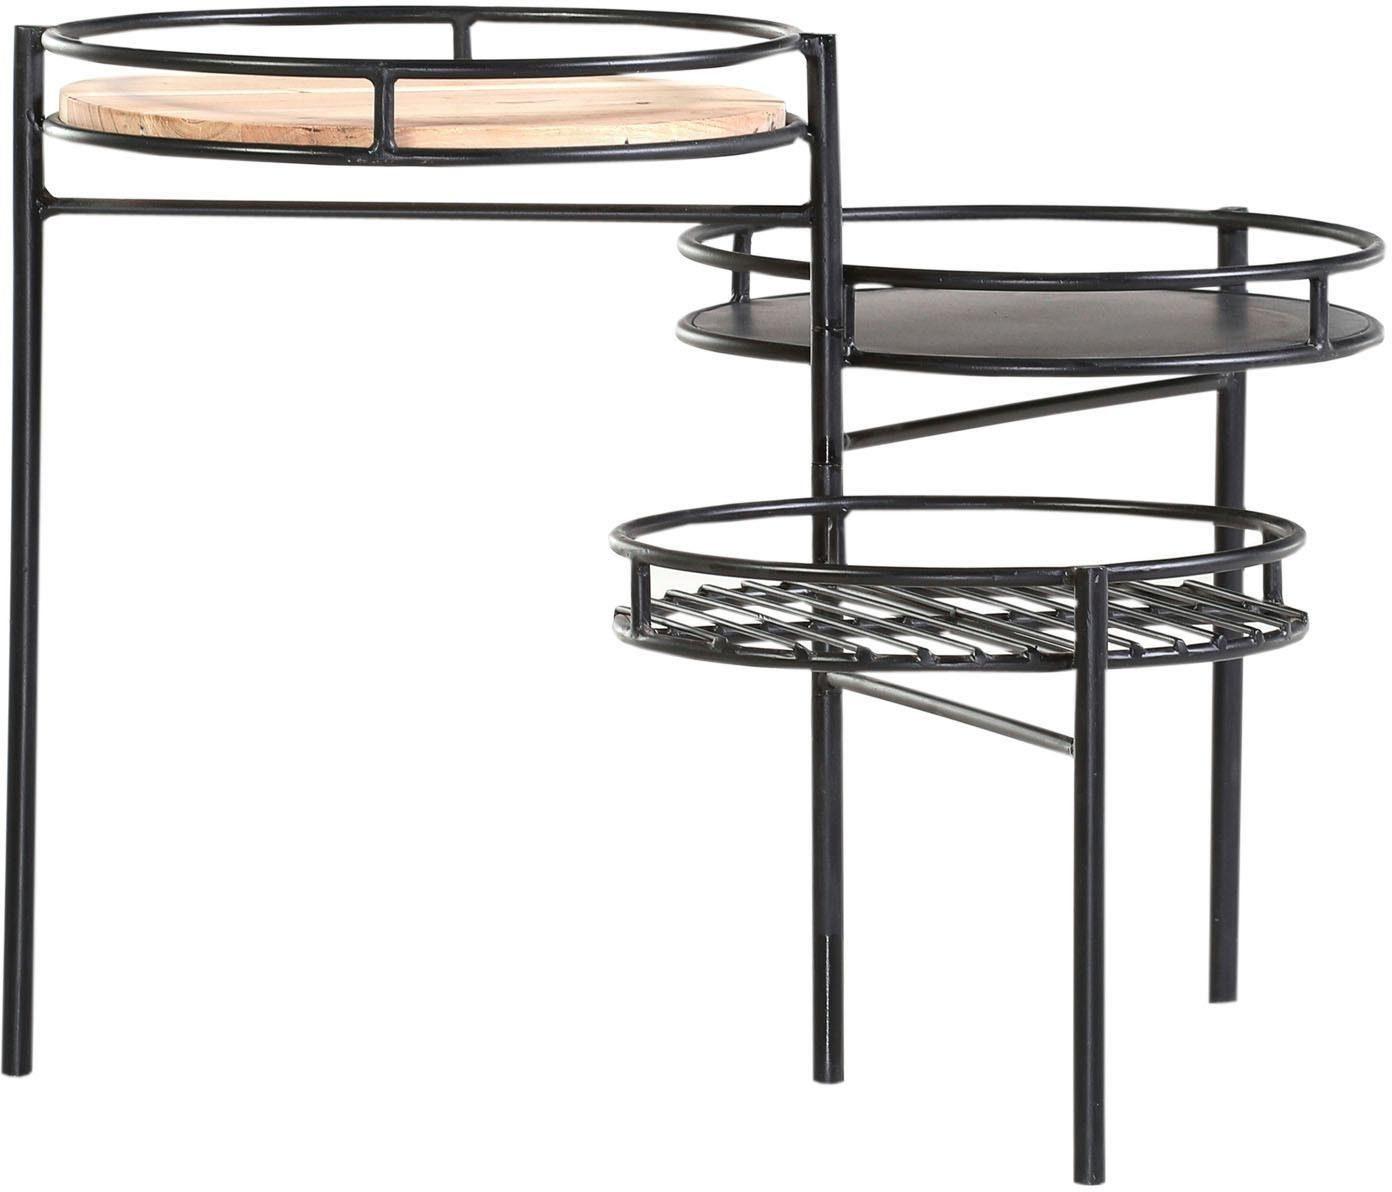 Gutmann Factory Beistelltisch »Firestone« mit drei Tischplatten